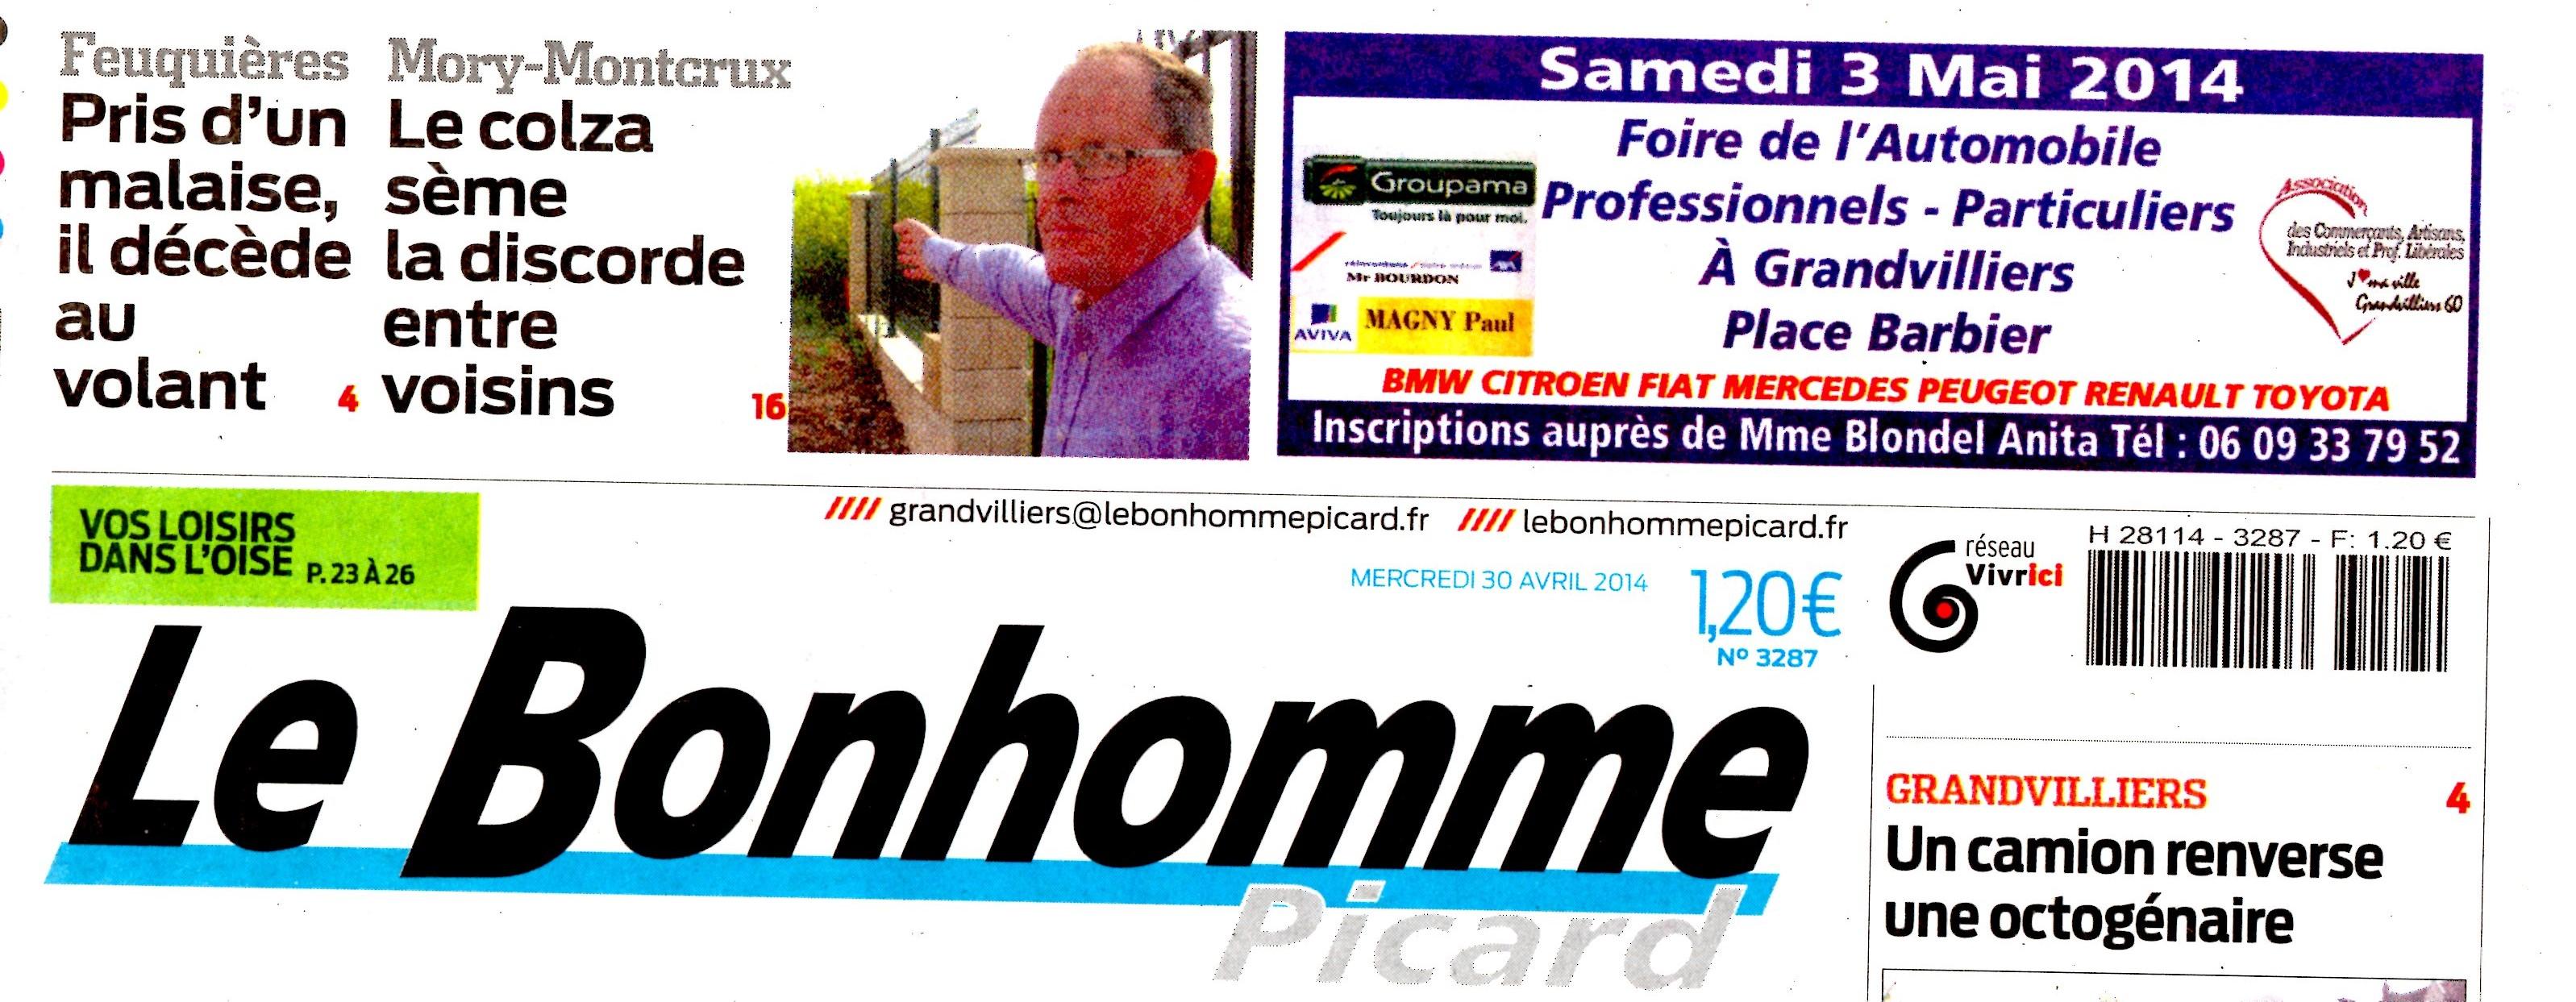 LE BOHOMME PICARD 30 AVRIL 2014